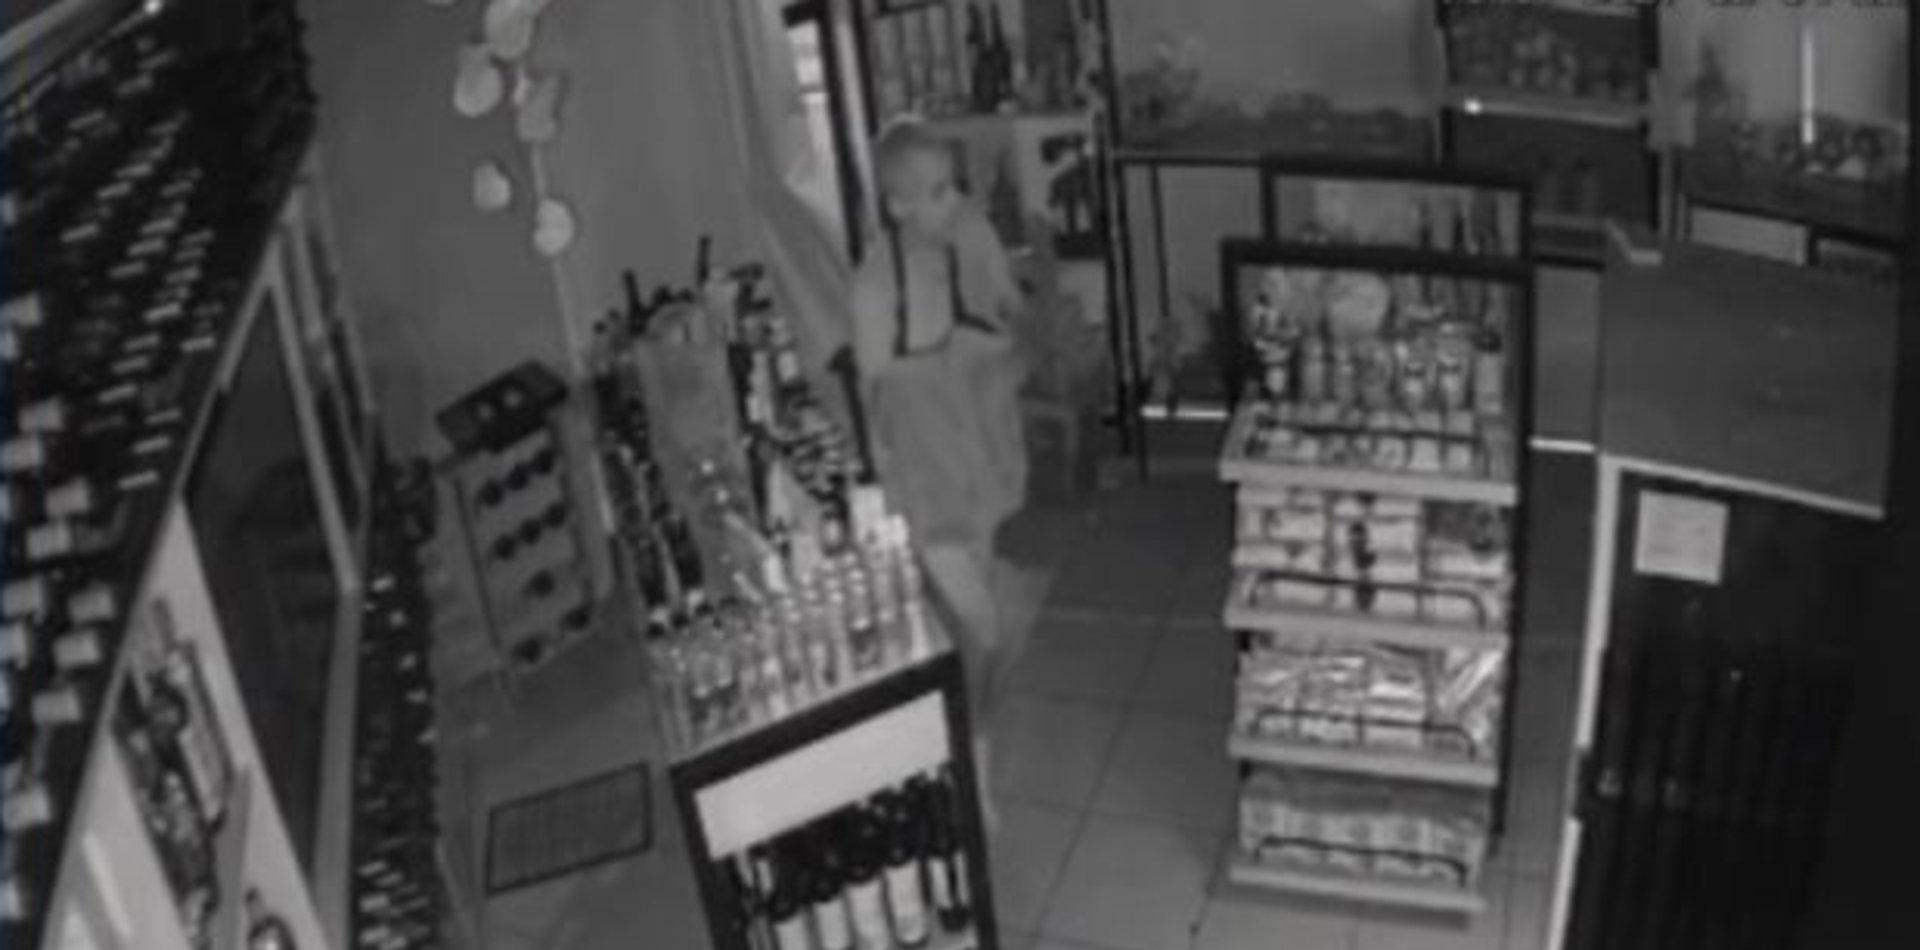 VIDEO: Se metió en una tienda de comidas y robó, pero quedó filmado y terminó preso